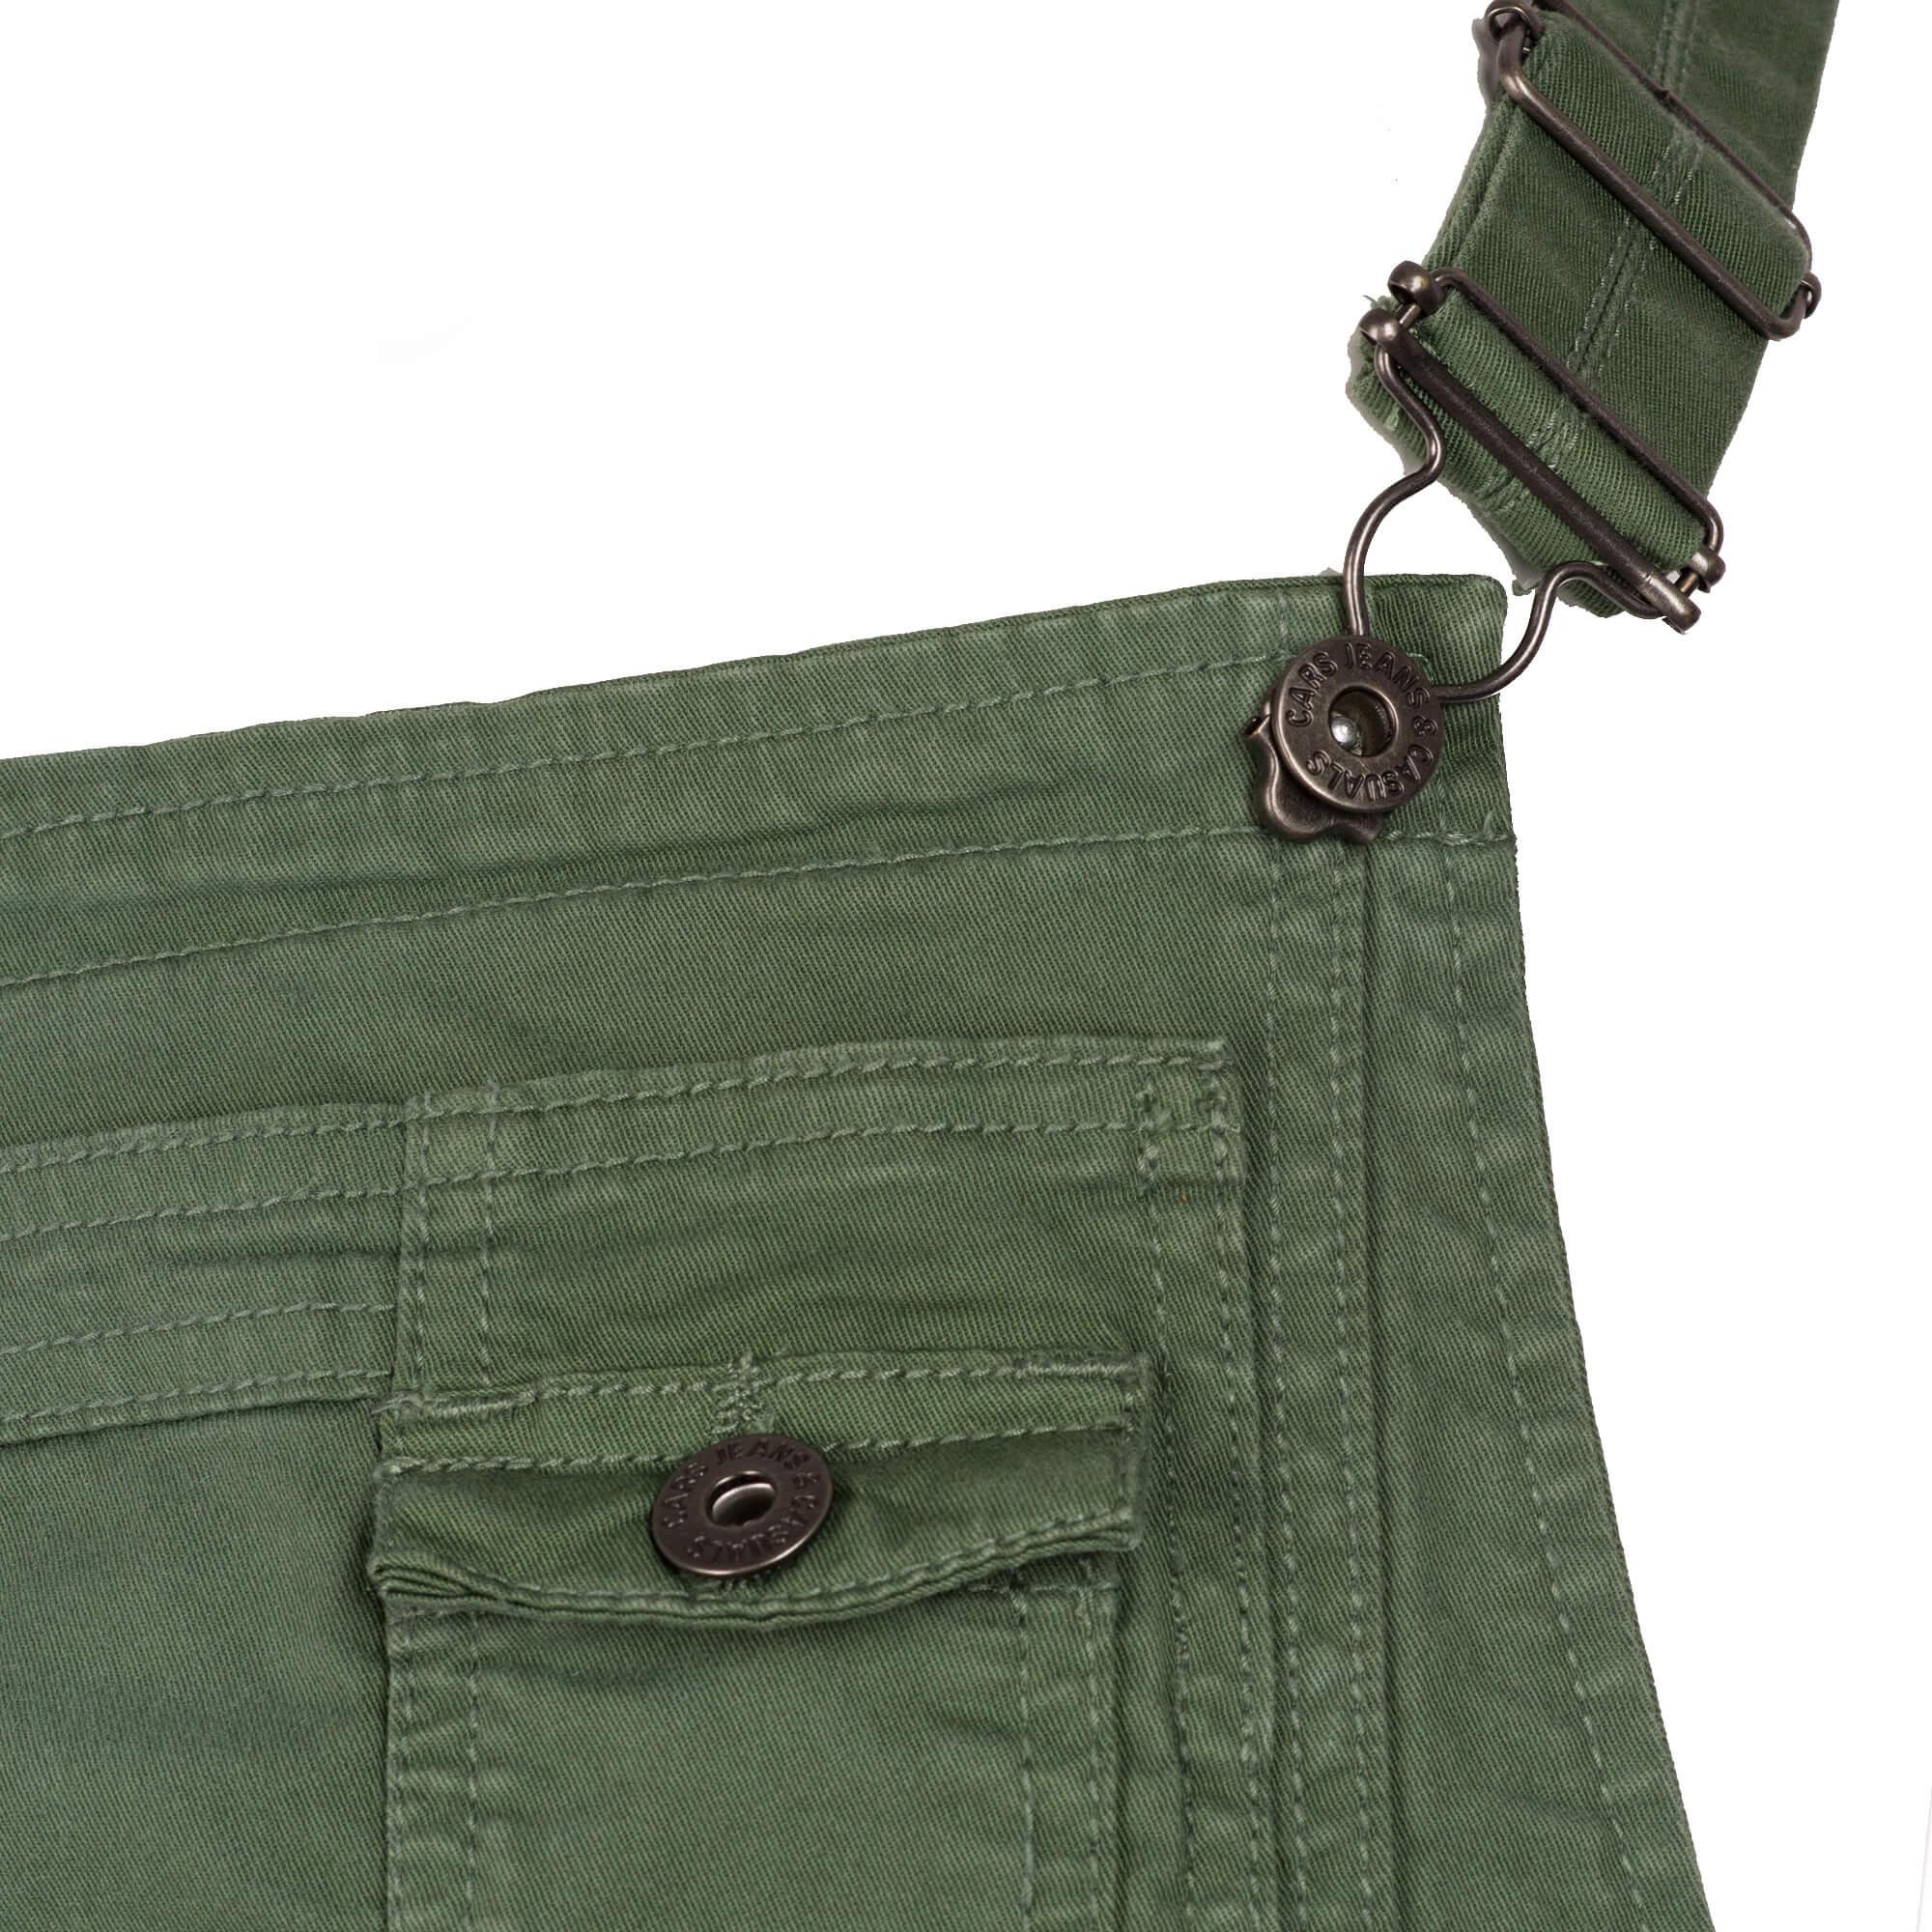 18c9821cce64 Cars Jeans Dámske zelené nohavice s trakmi Dancer Army 4311819 ...